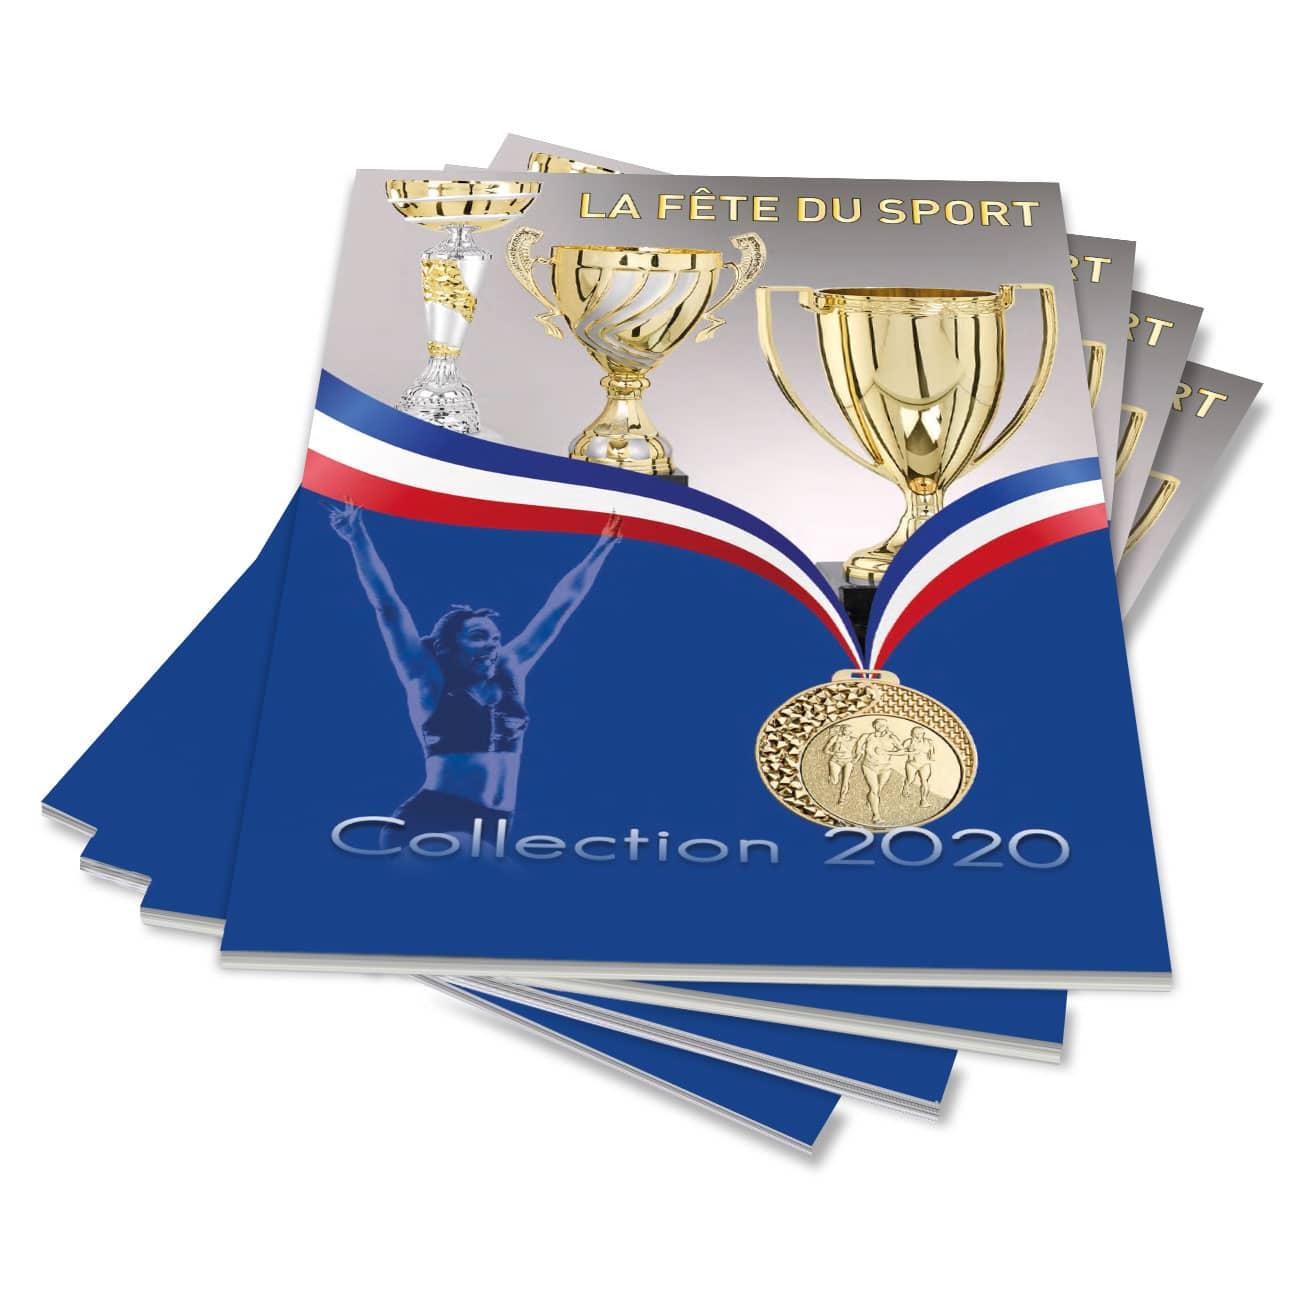 Catalogue de coupes et de médailles en Vendée